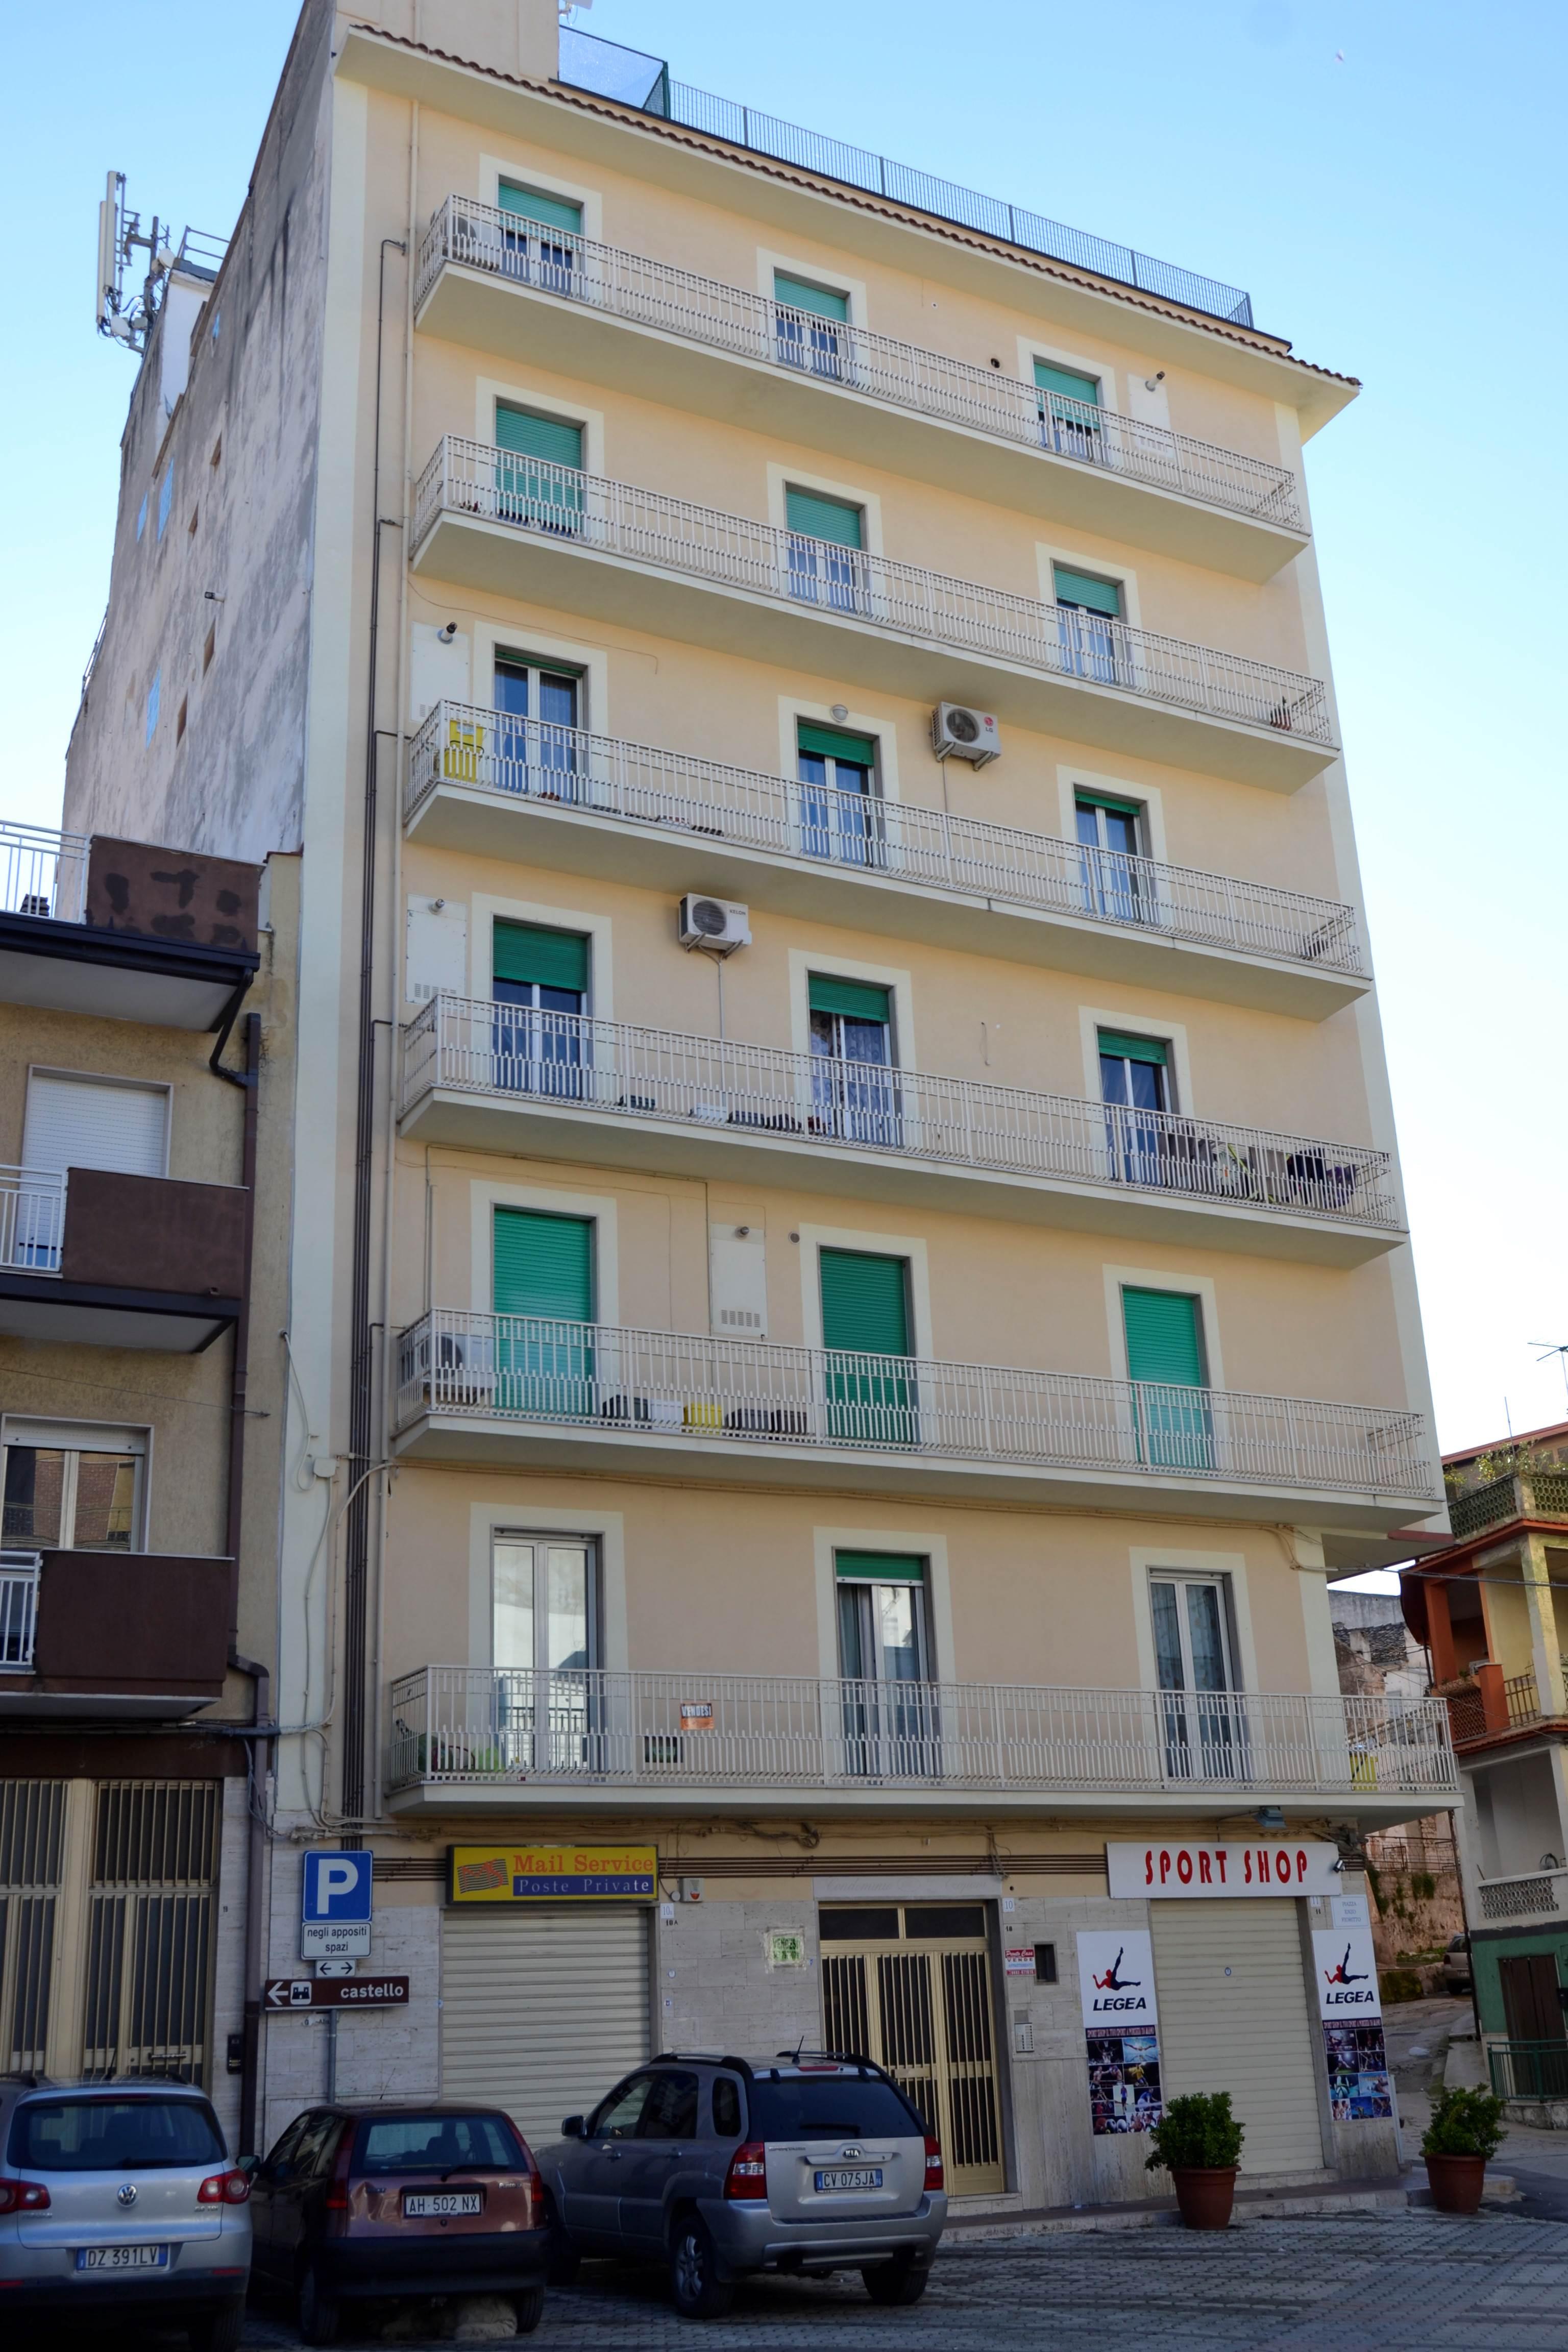 Appartamento in vendita a San Nicandro Garganico, 3 locali, zona Località: CENTRO, prezzo € 18.000   CambioCasa.it